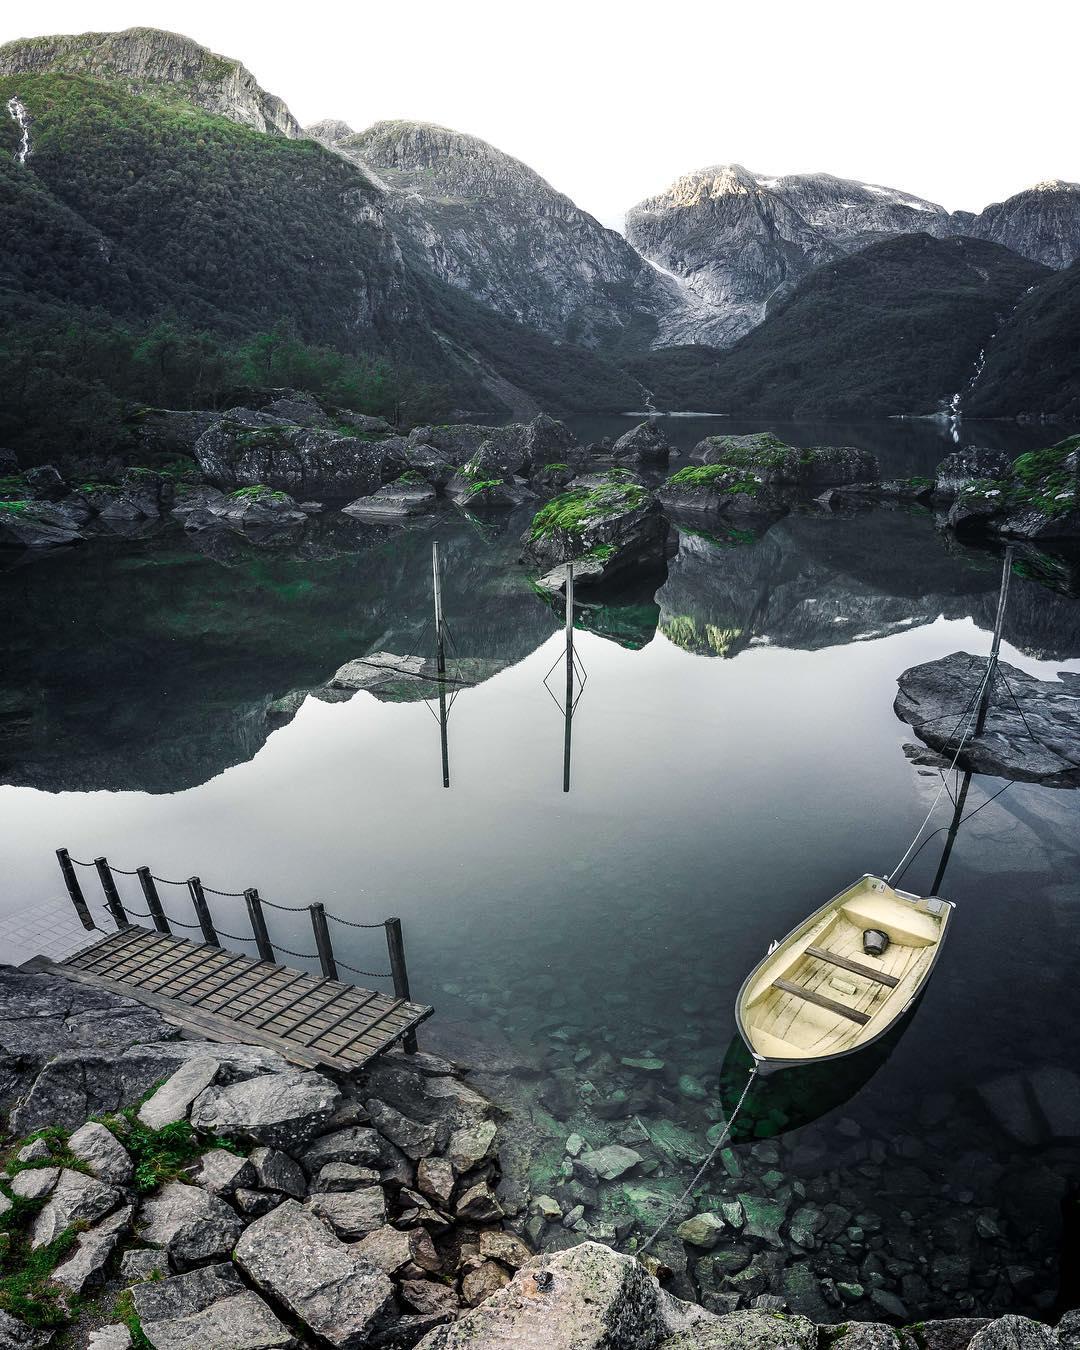 Фотографии из путешествий Kenny Lofstrom